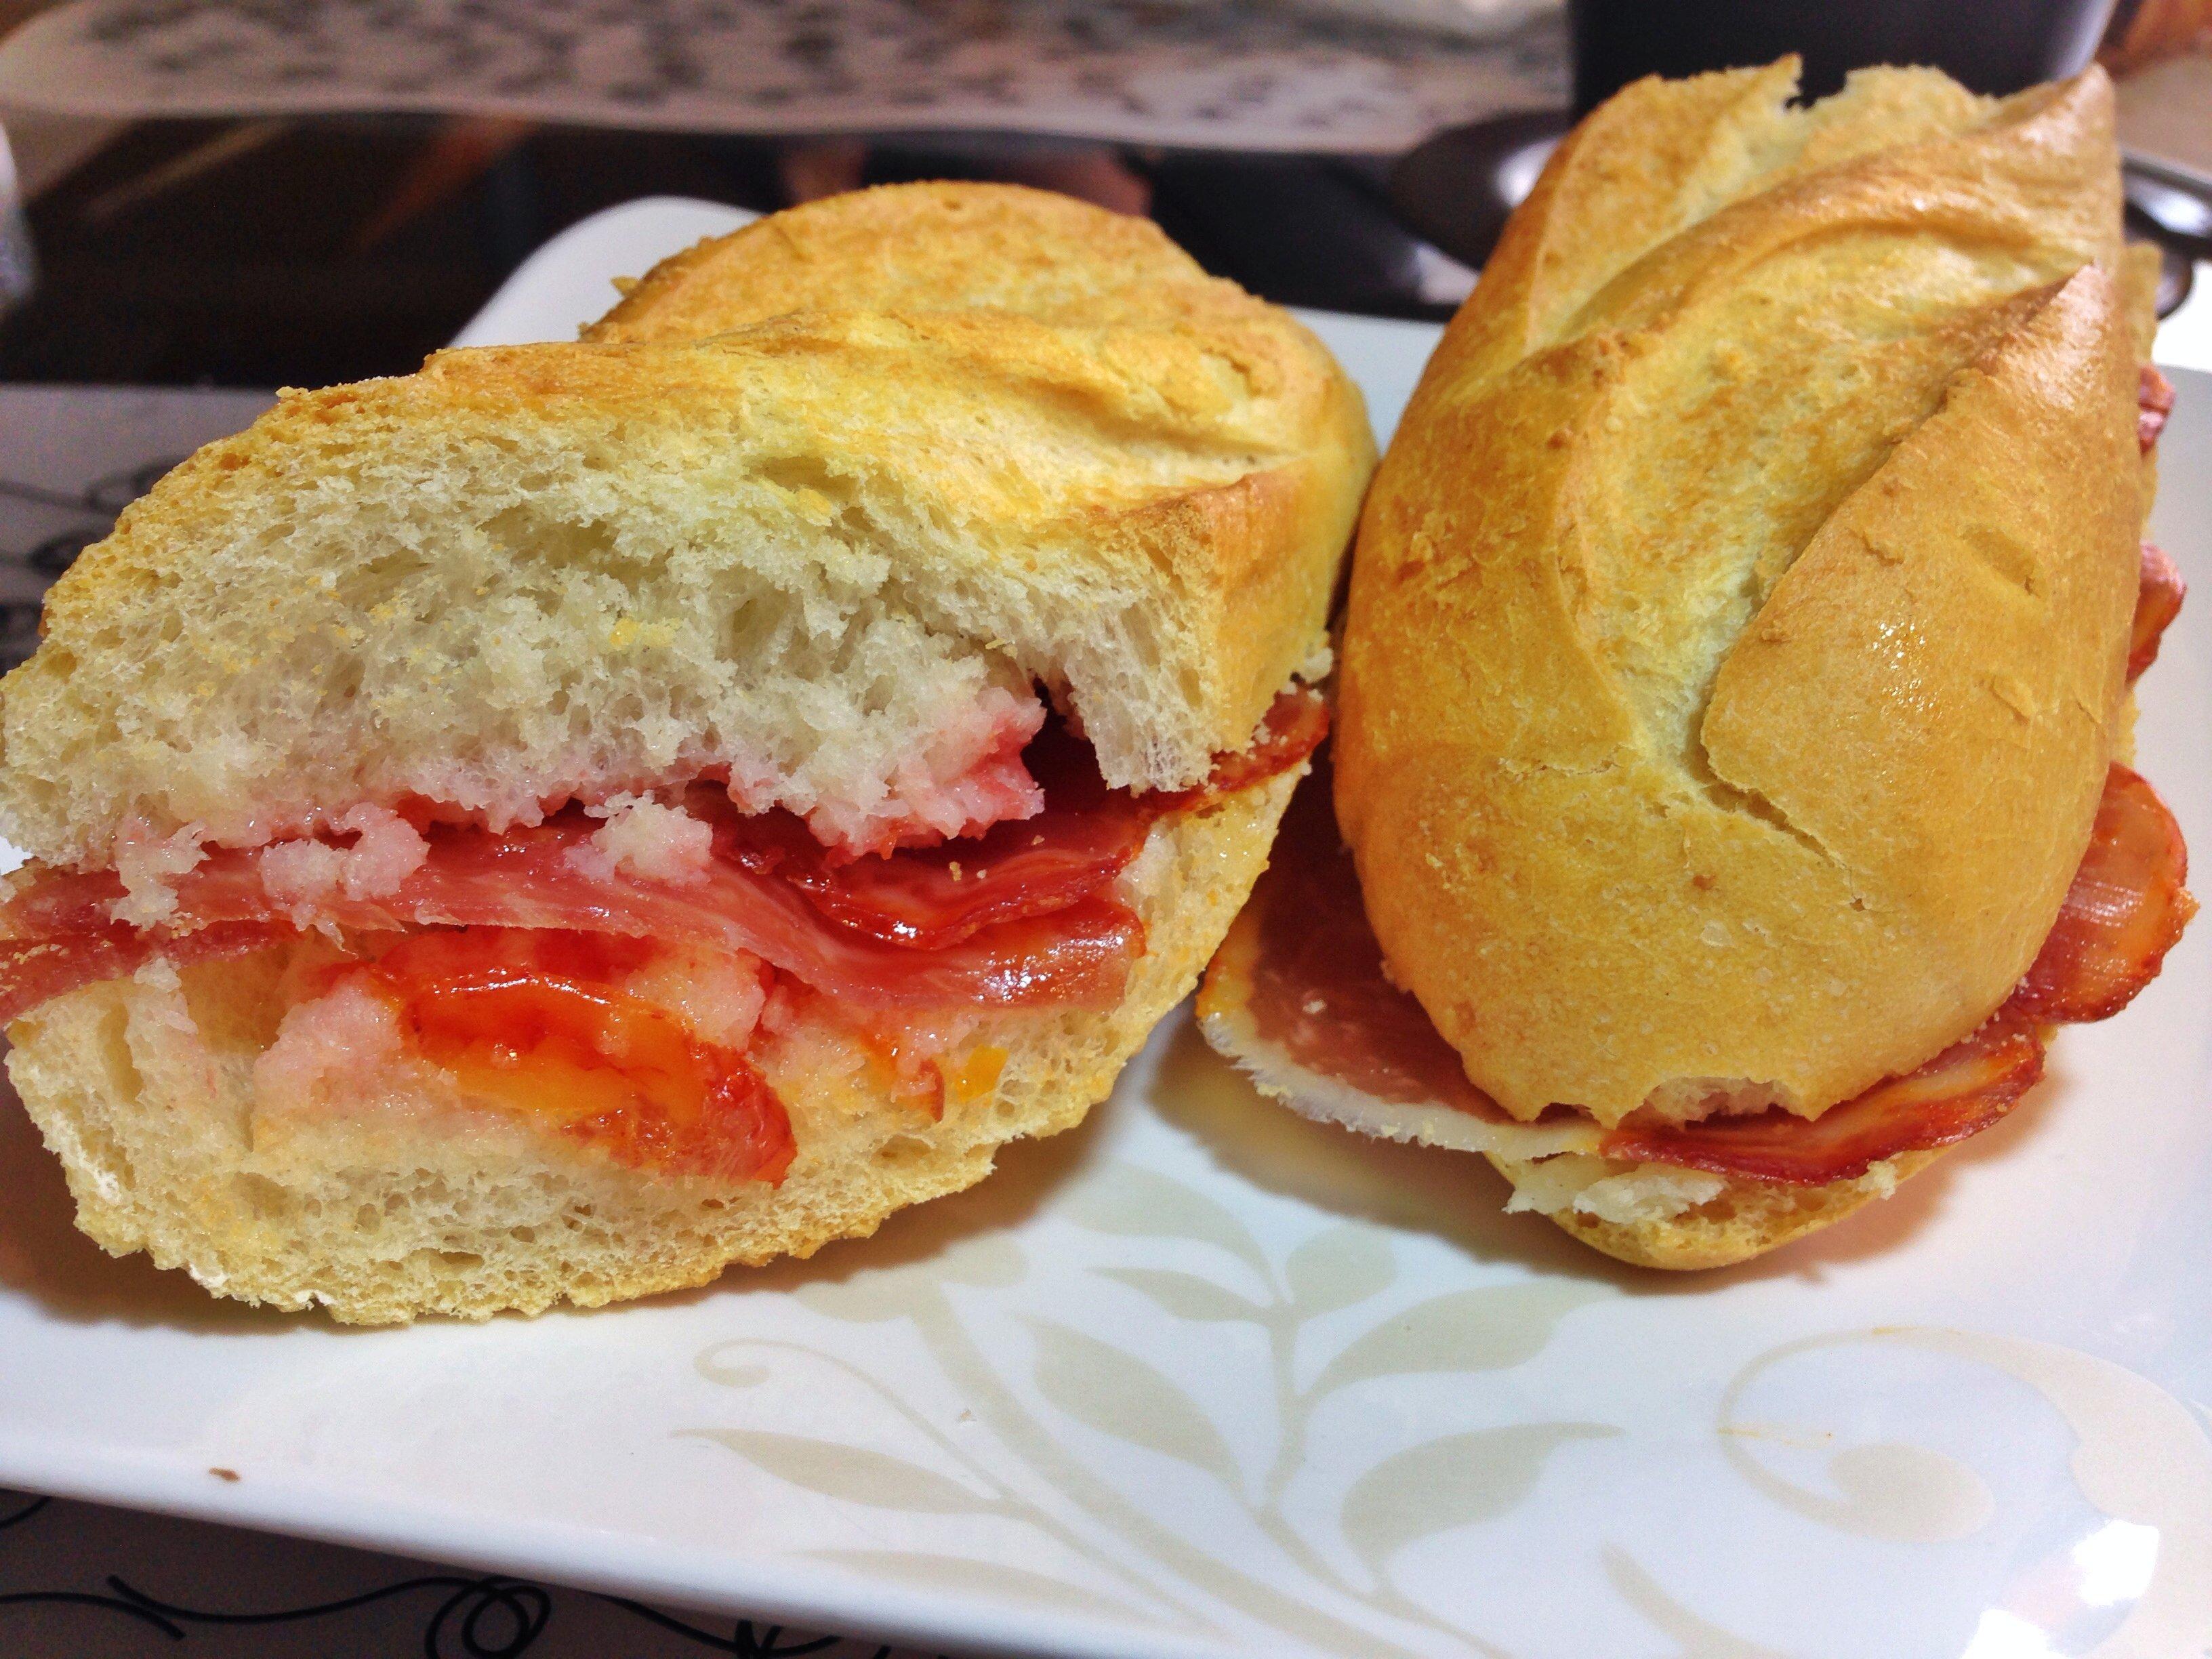 Sandwich de lomo ibérico en pan a la catalana, La Churrería.